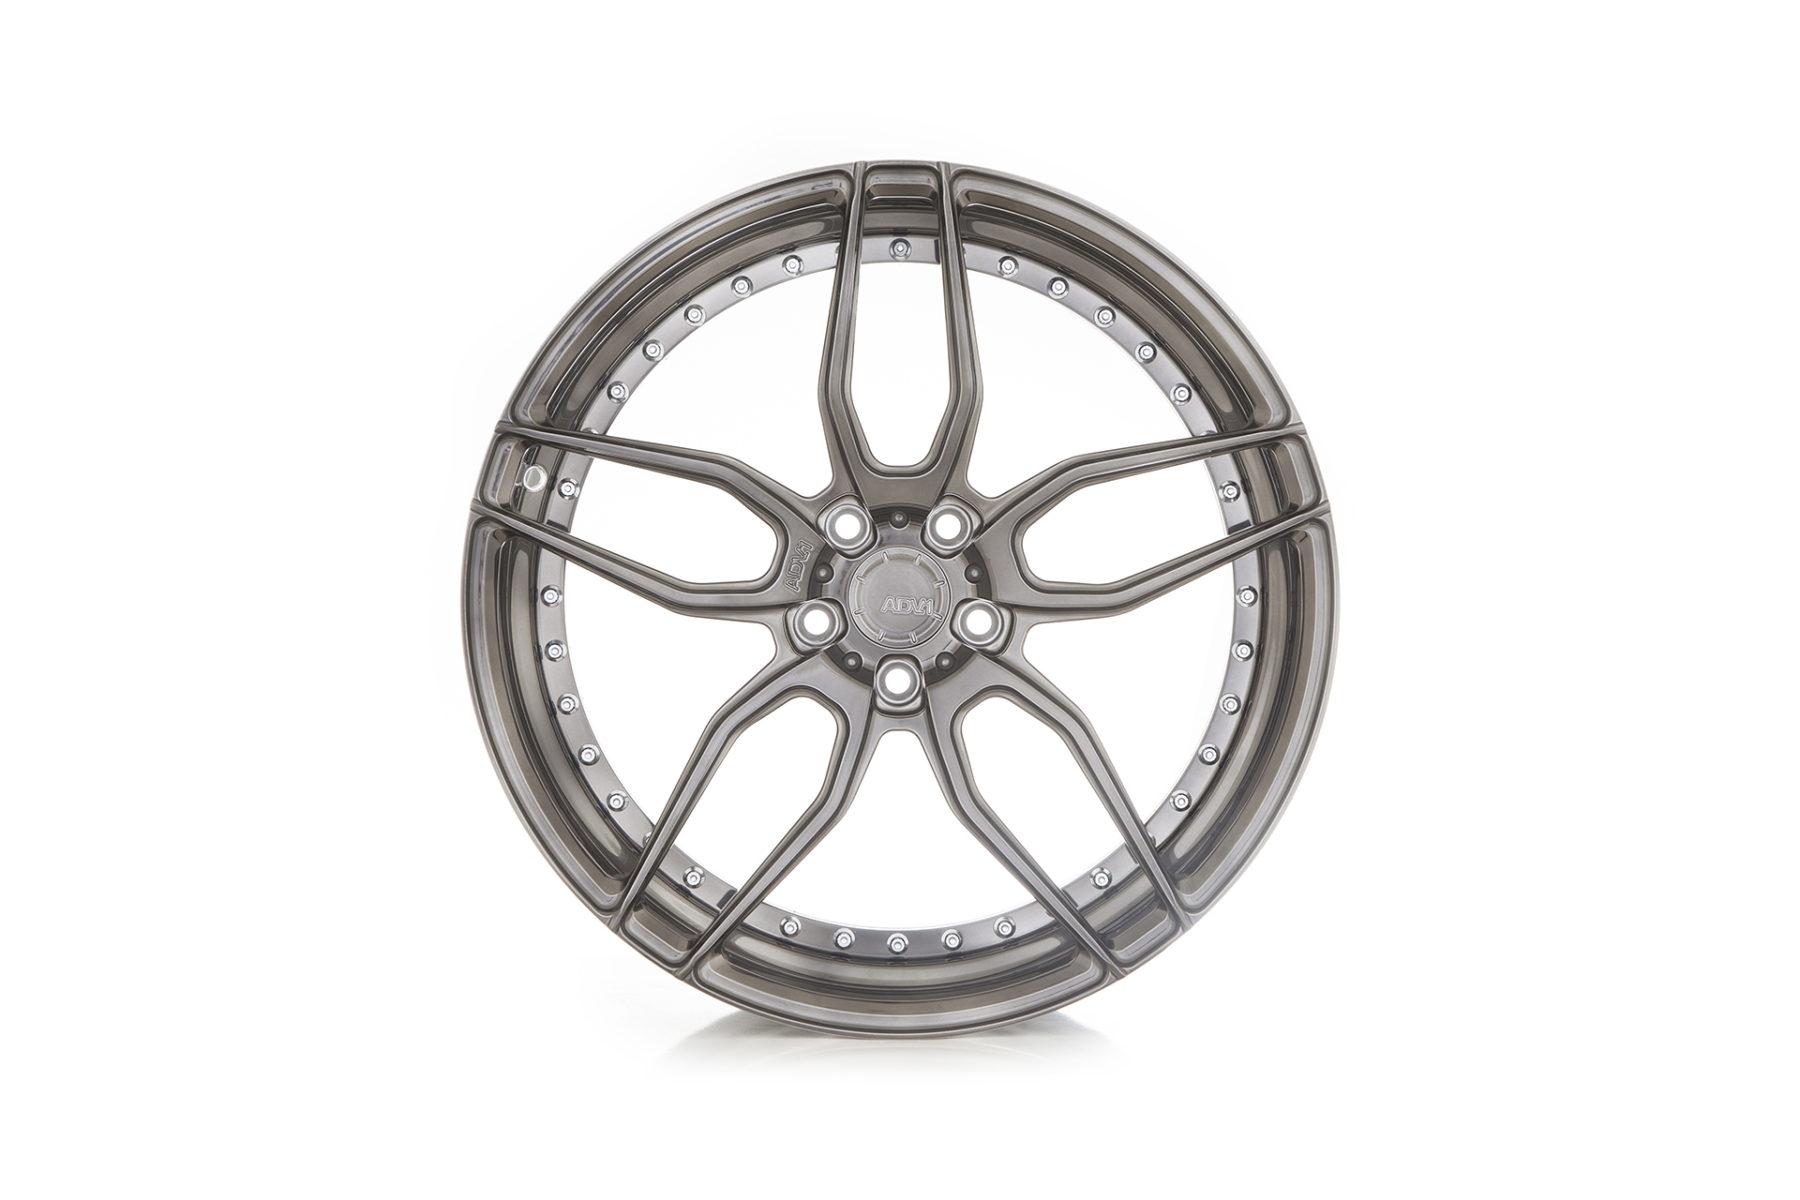 Adv005 M V2 Sl Series Wheels